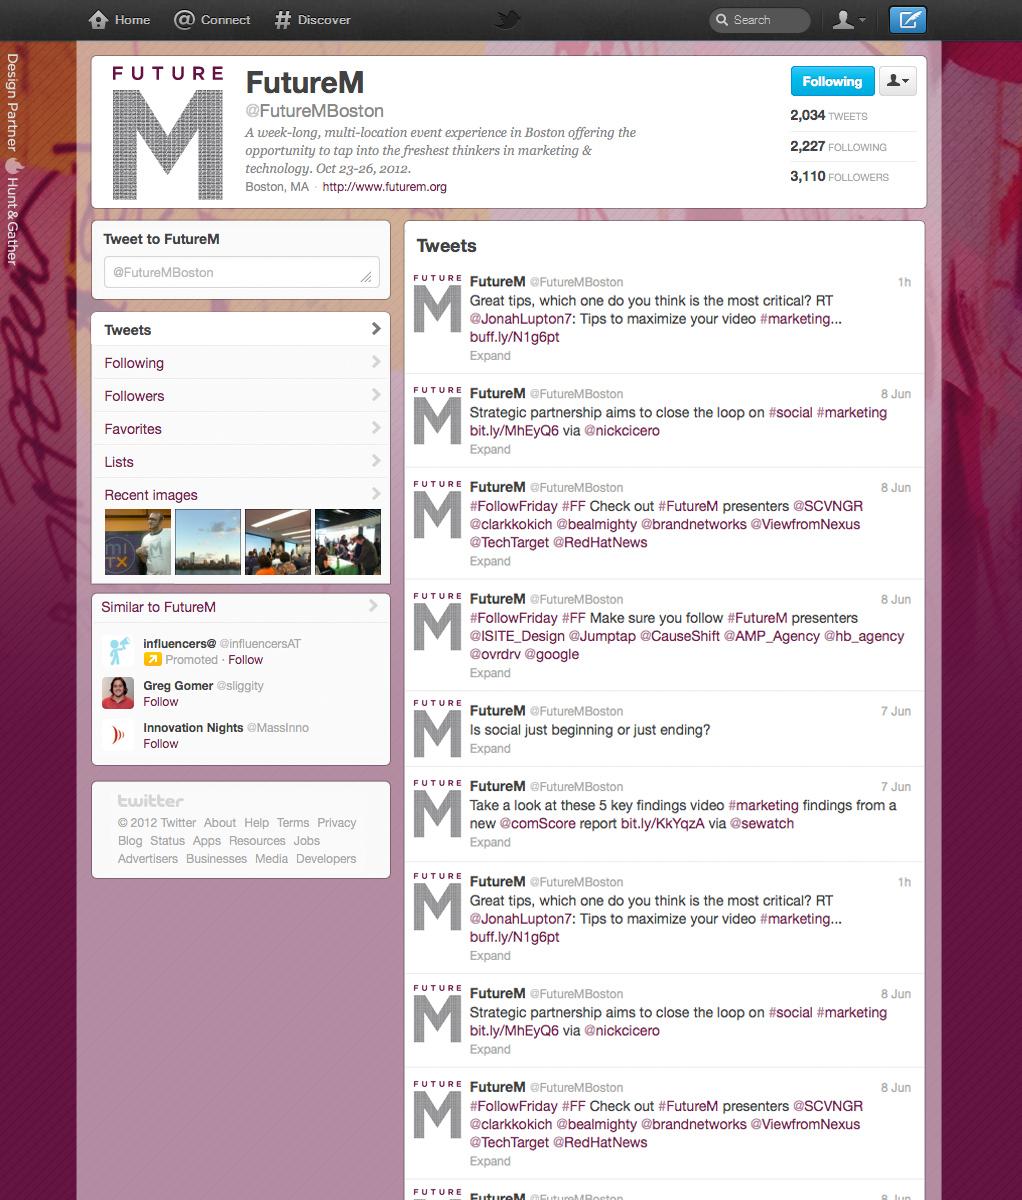 twitterFM2.jpg